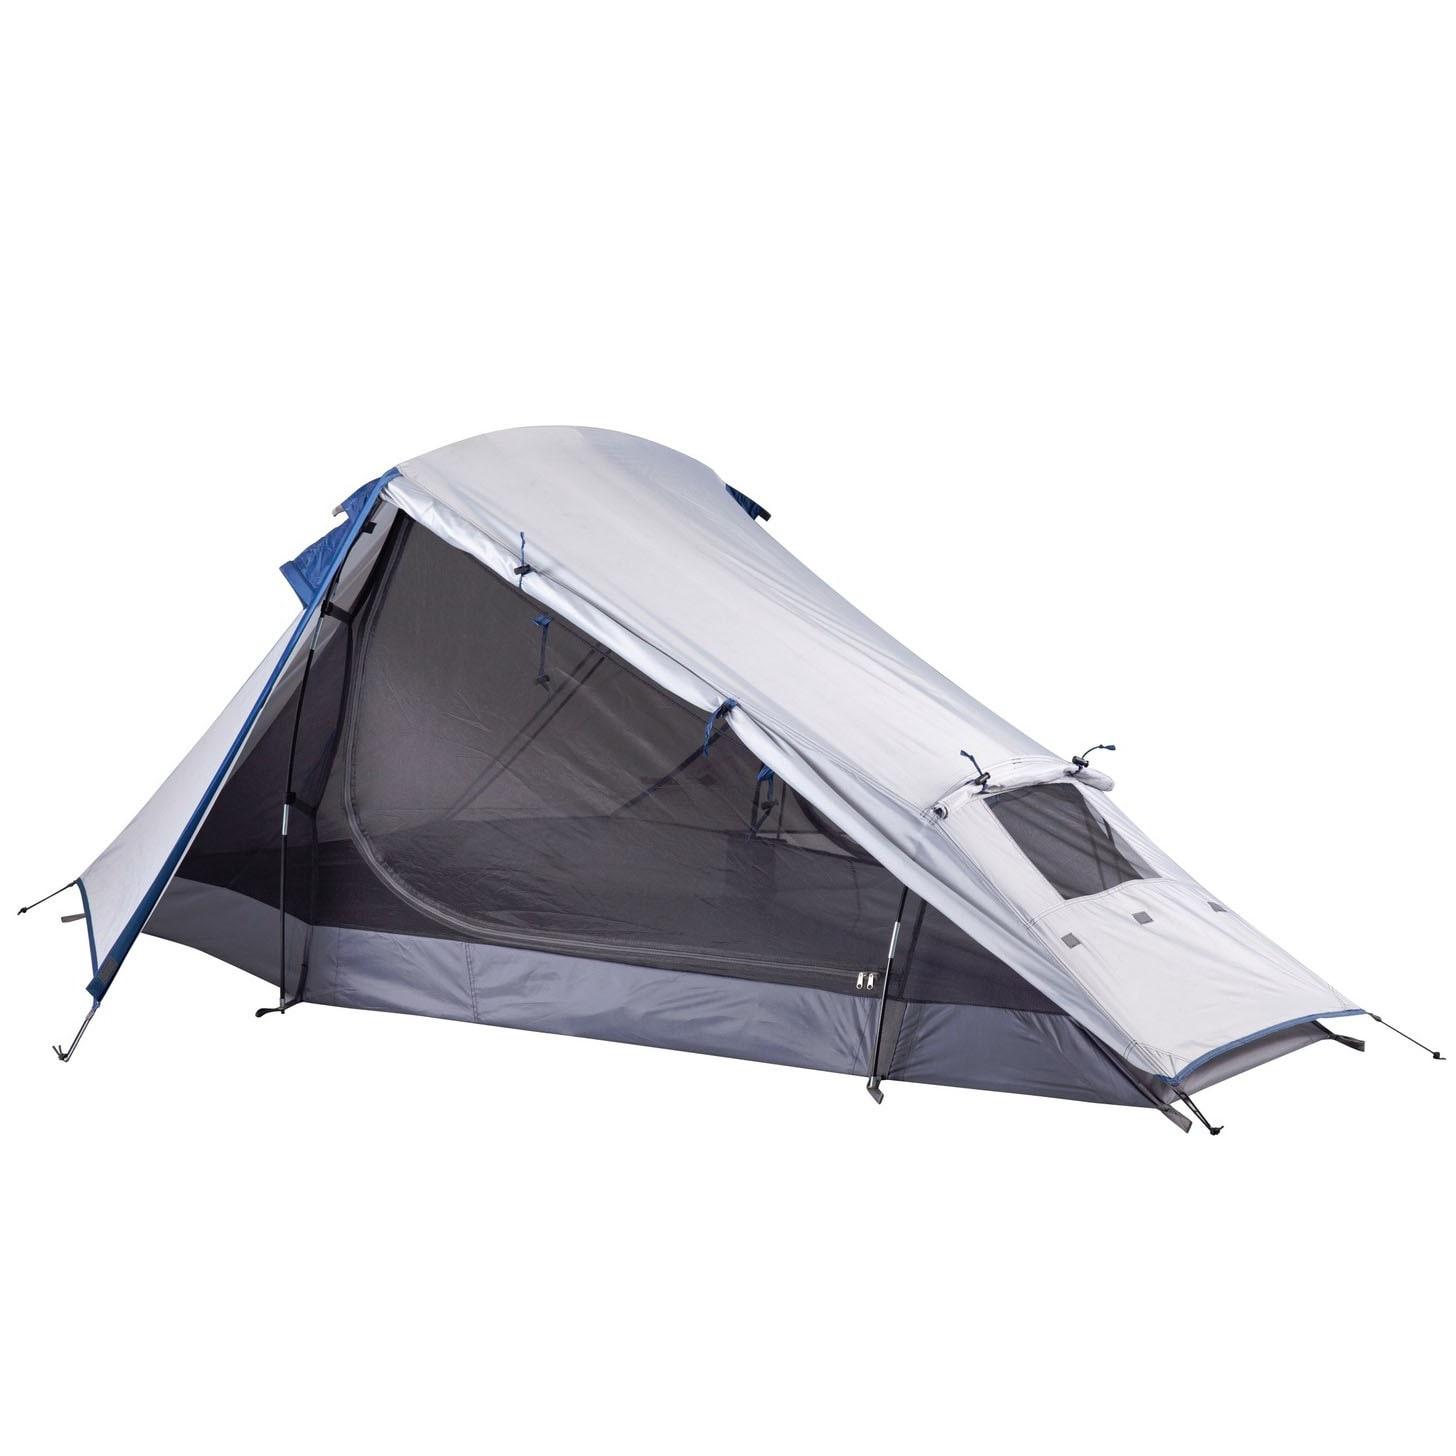 Σκηνή Camping Oztrail Nomad 2 Dome 2 Ατόμων